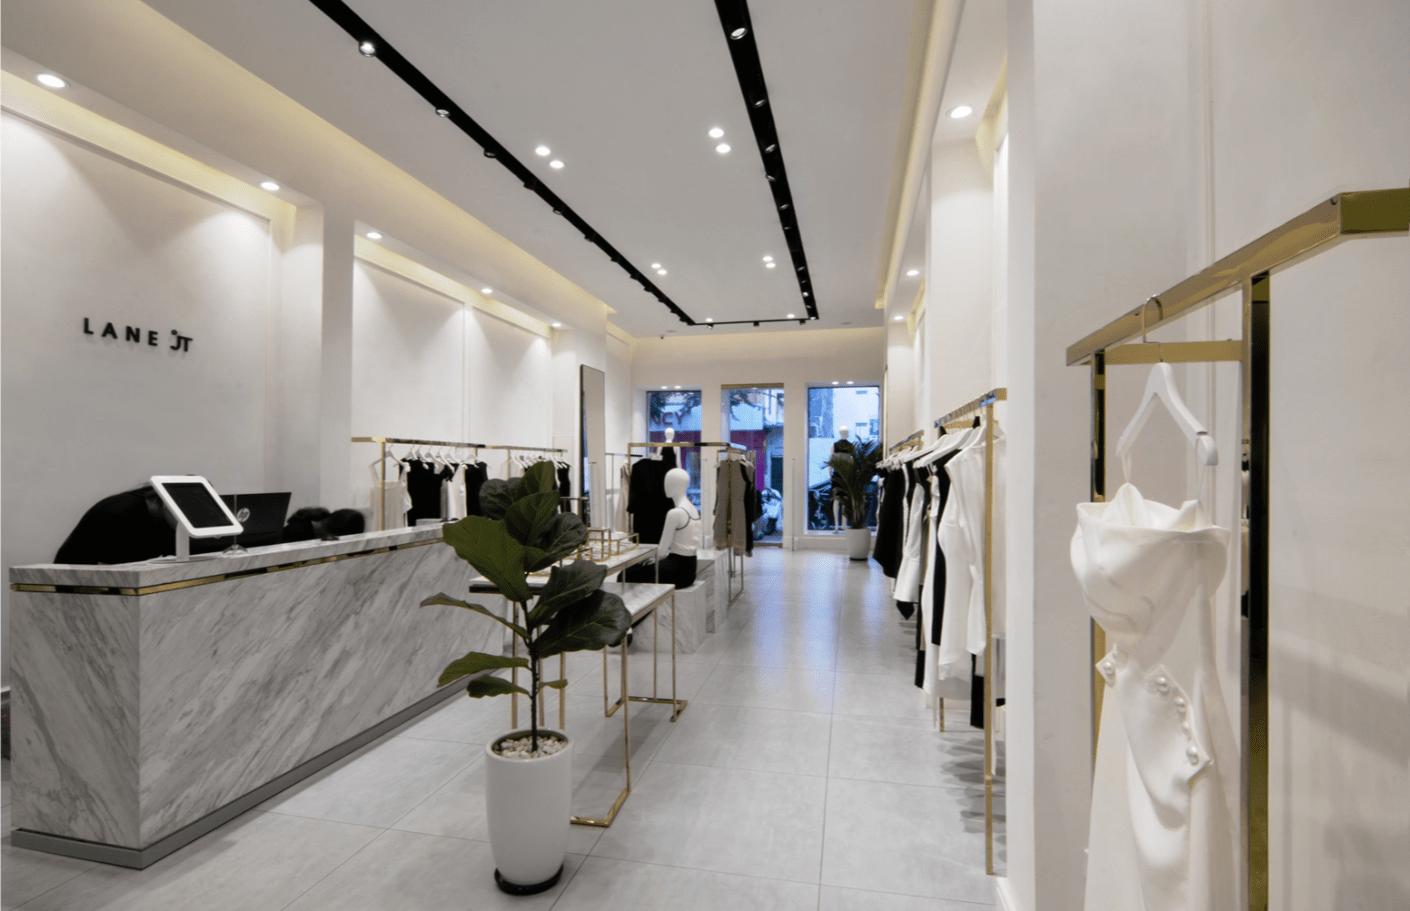 Cửa hàng thời trang Lane JT